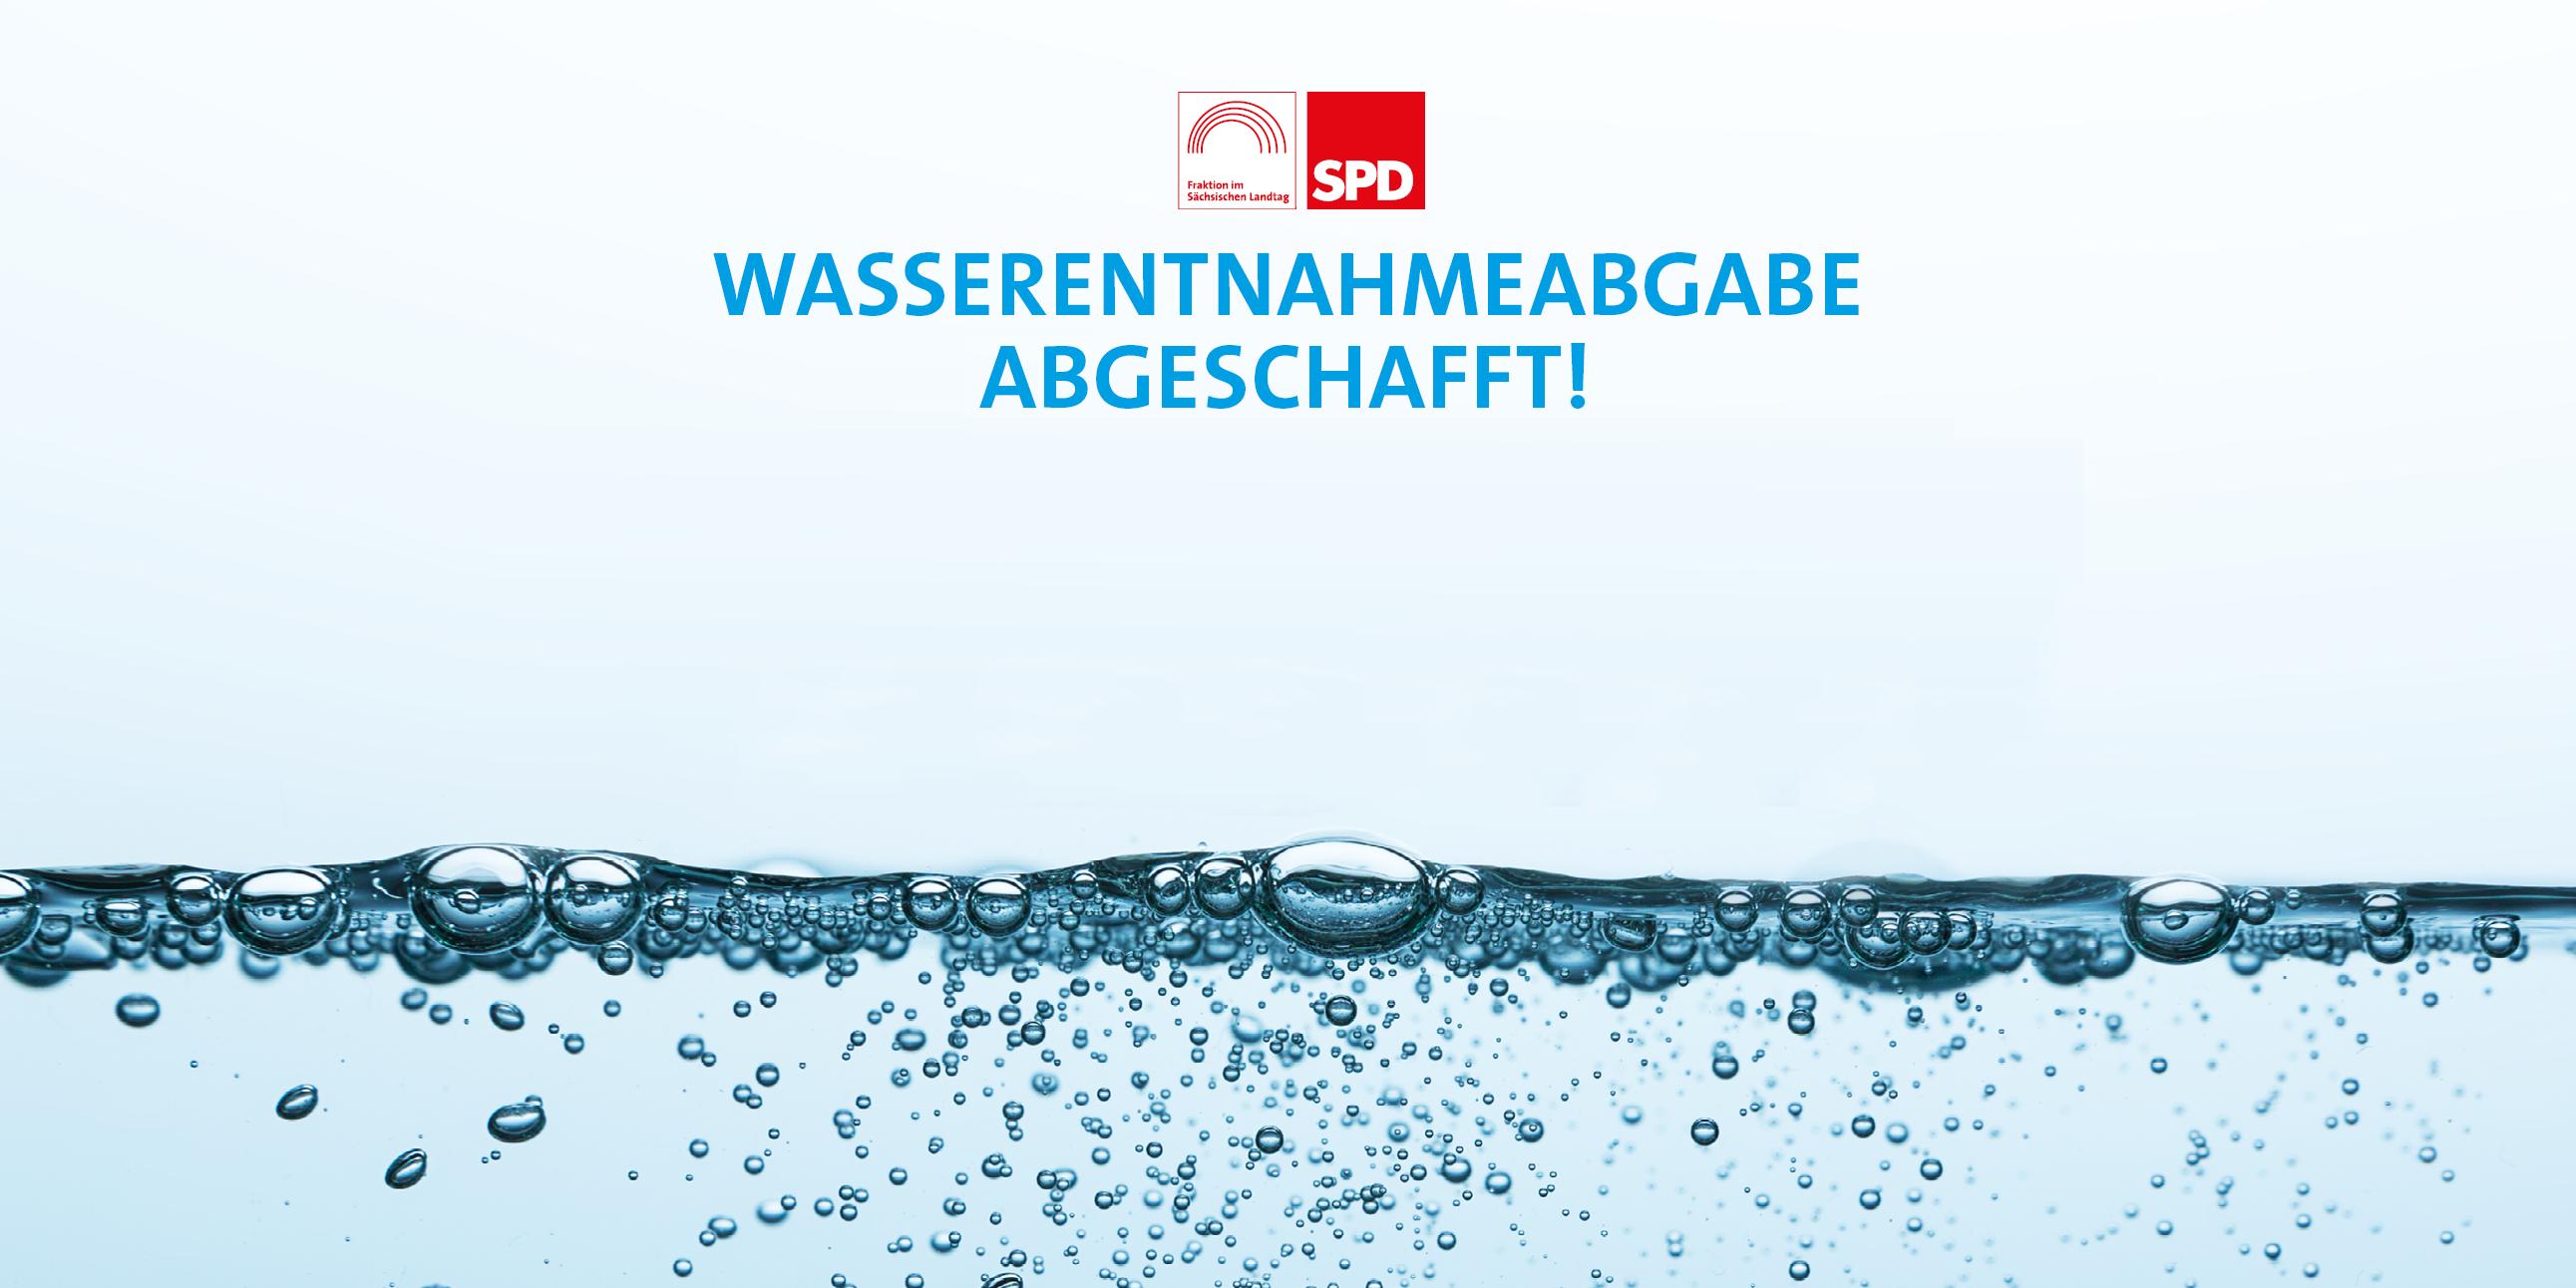 Wasserentnahmeabgabe abgeschafft!